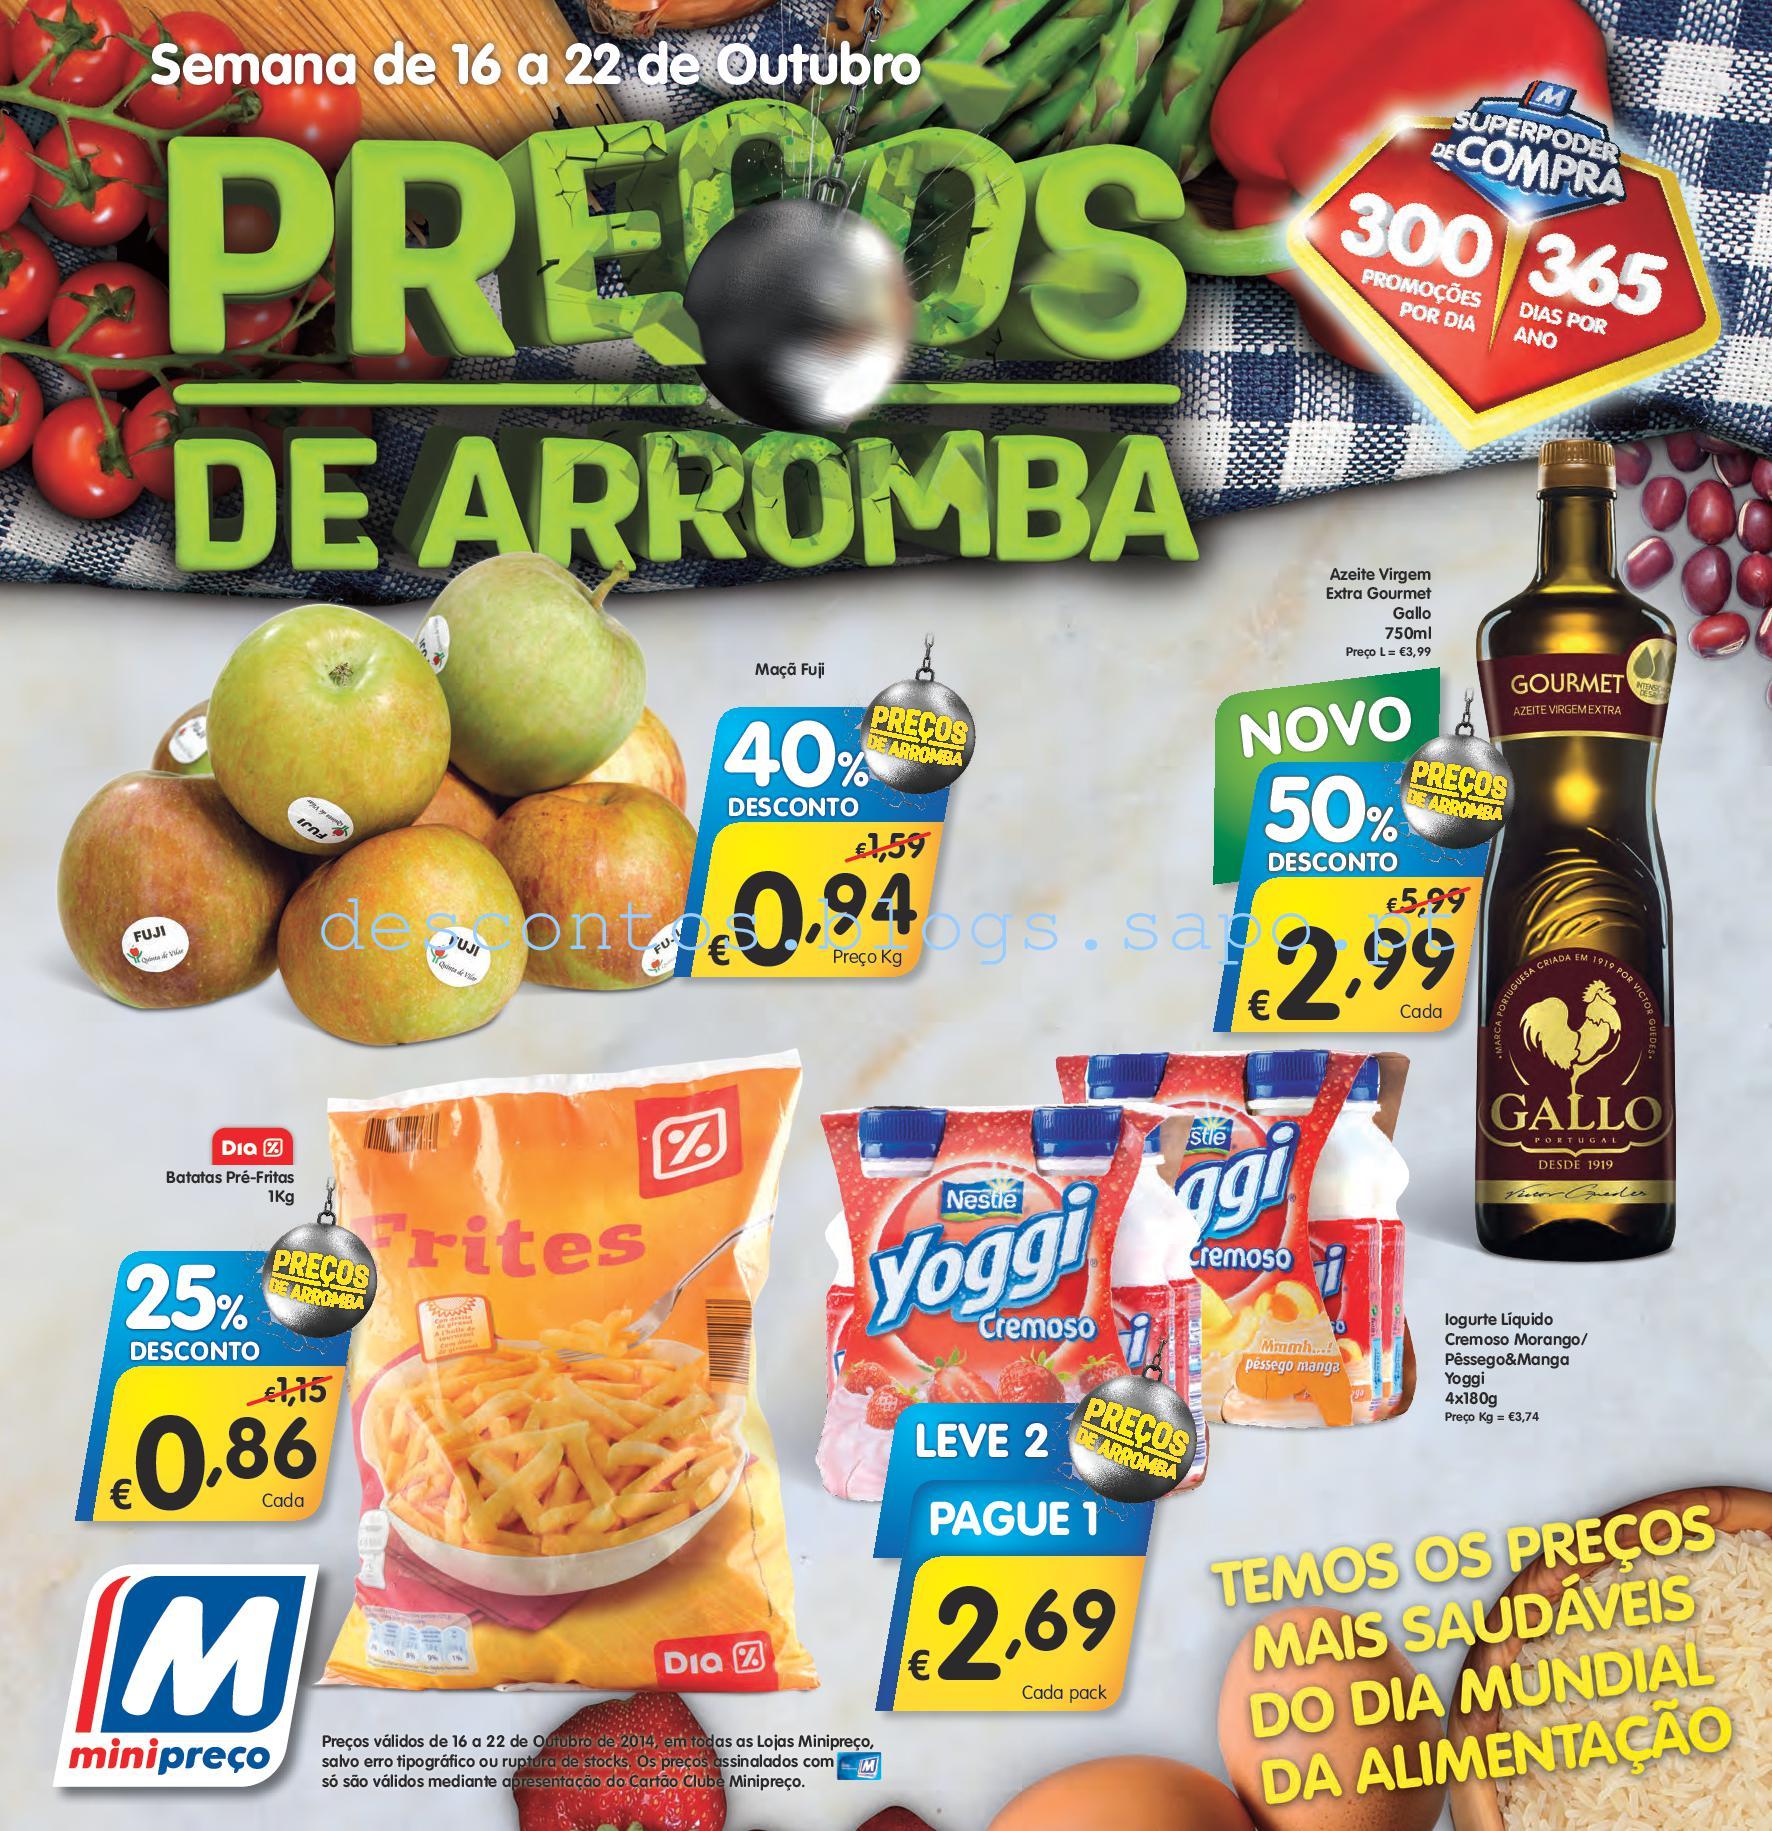 MINIPREÇO FOLHETO 16-22OUT_v2-001-001.jpg